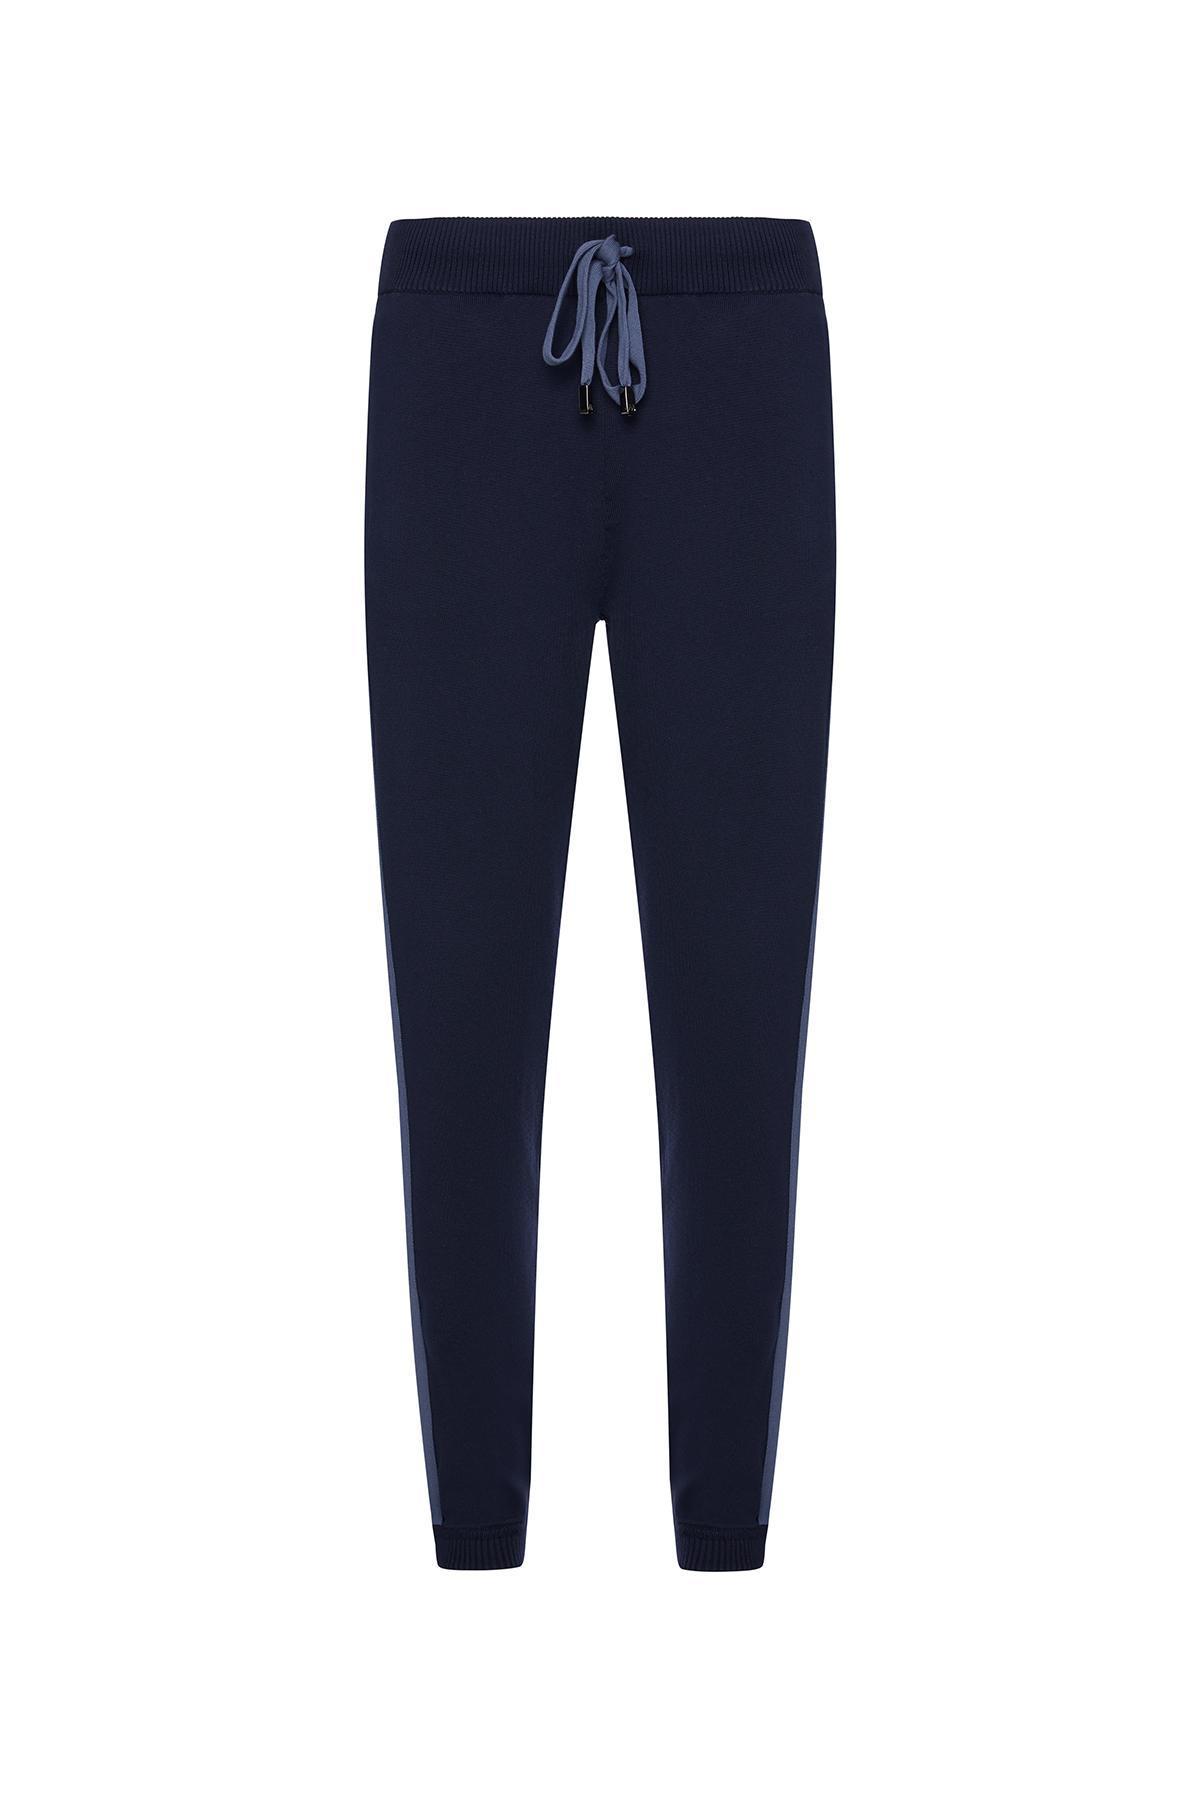 Lacivert Giza Pamuk Triko Spor Pantolon